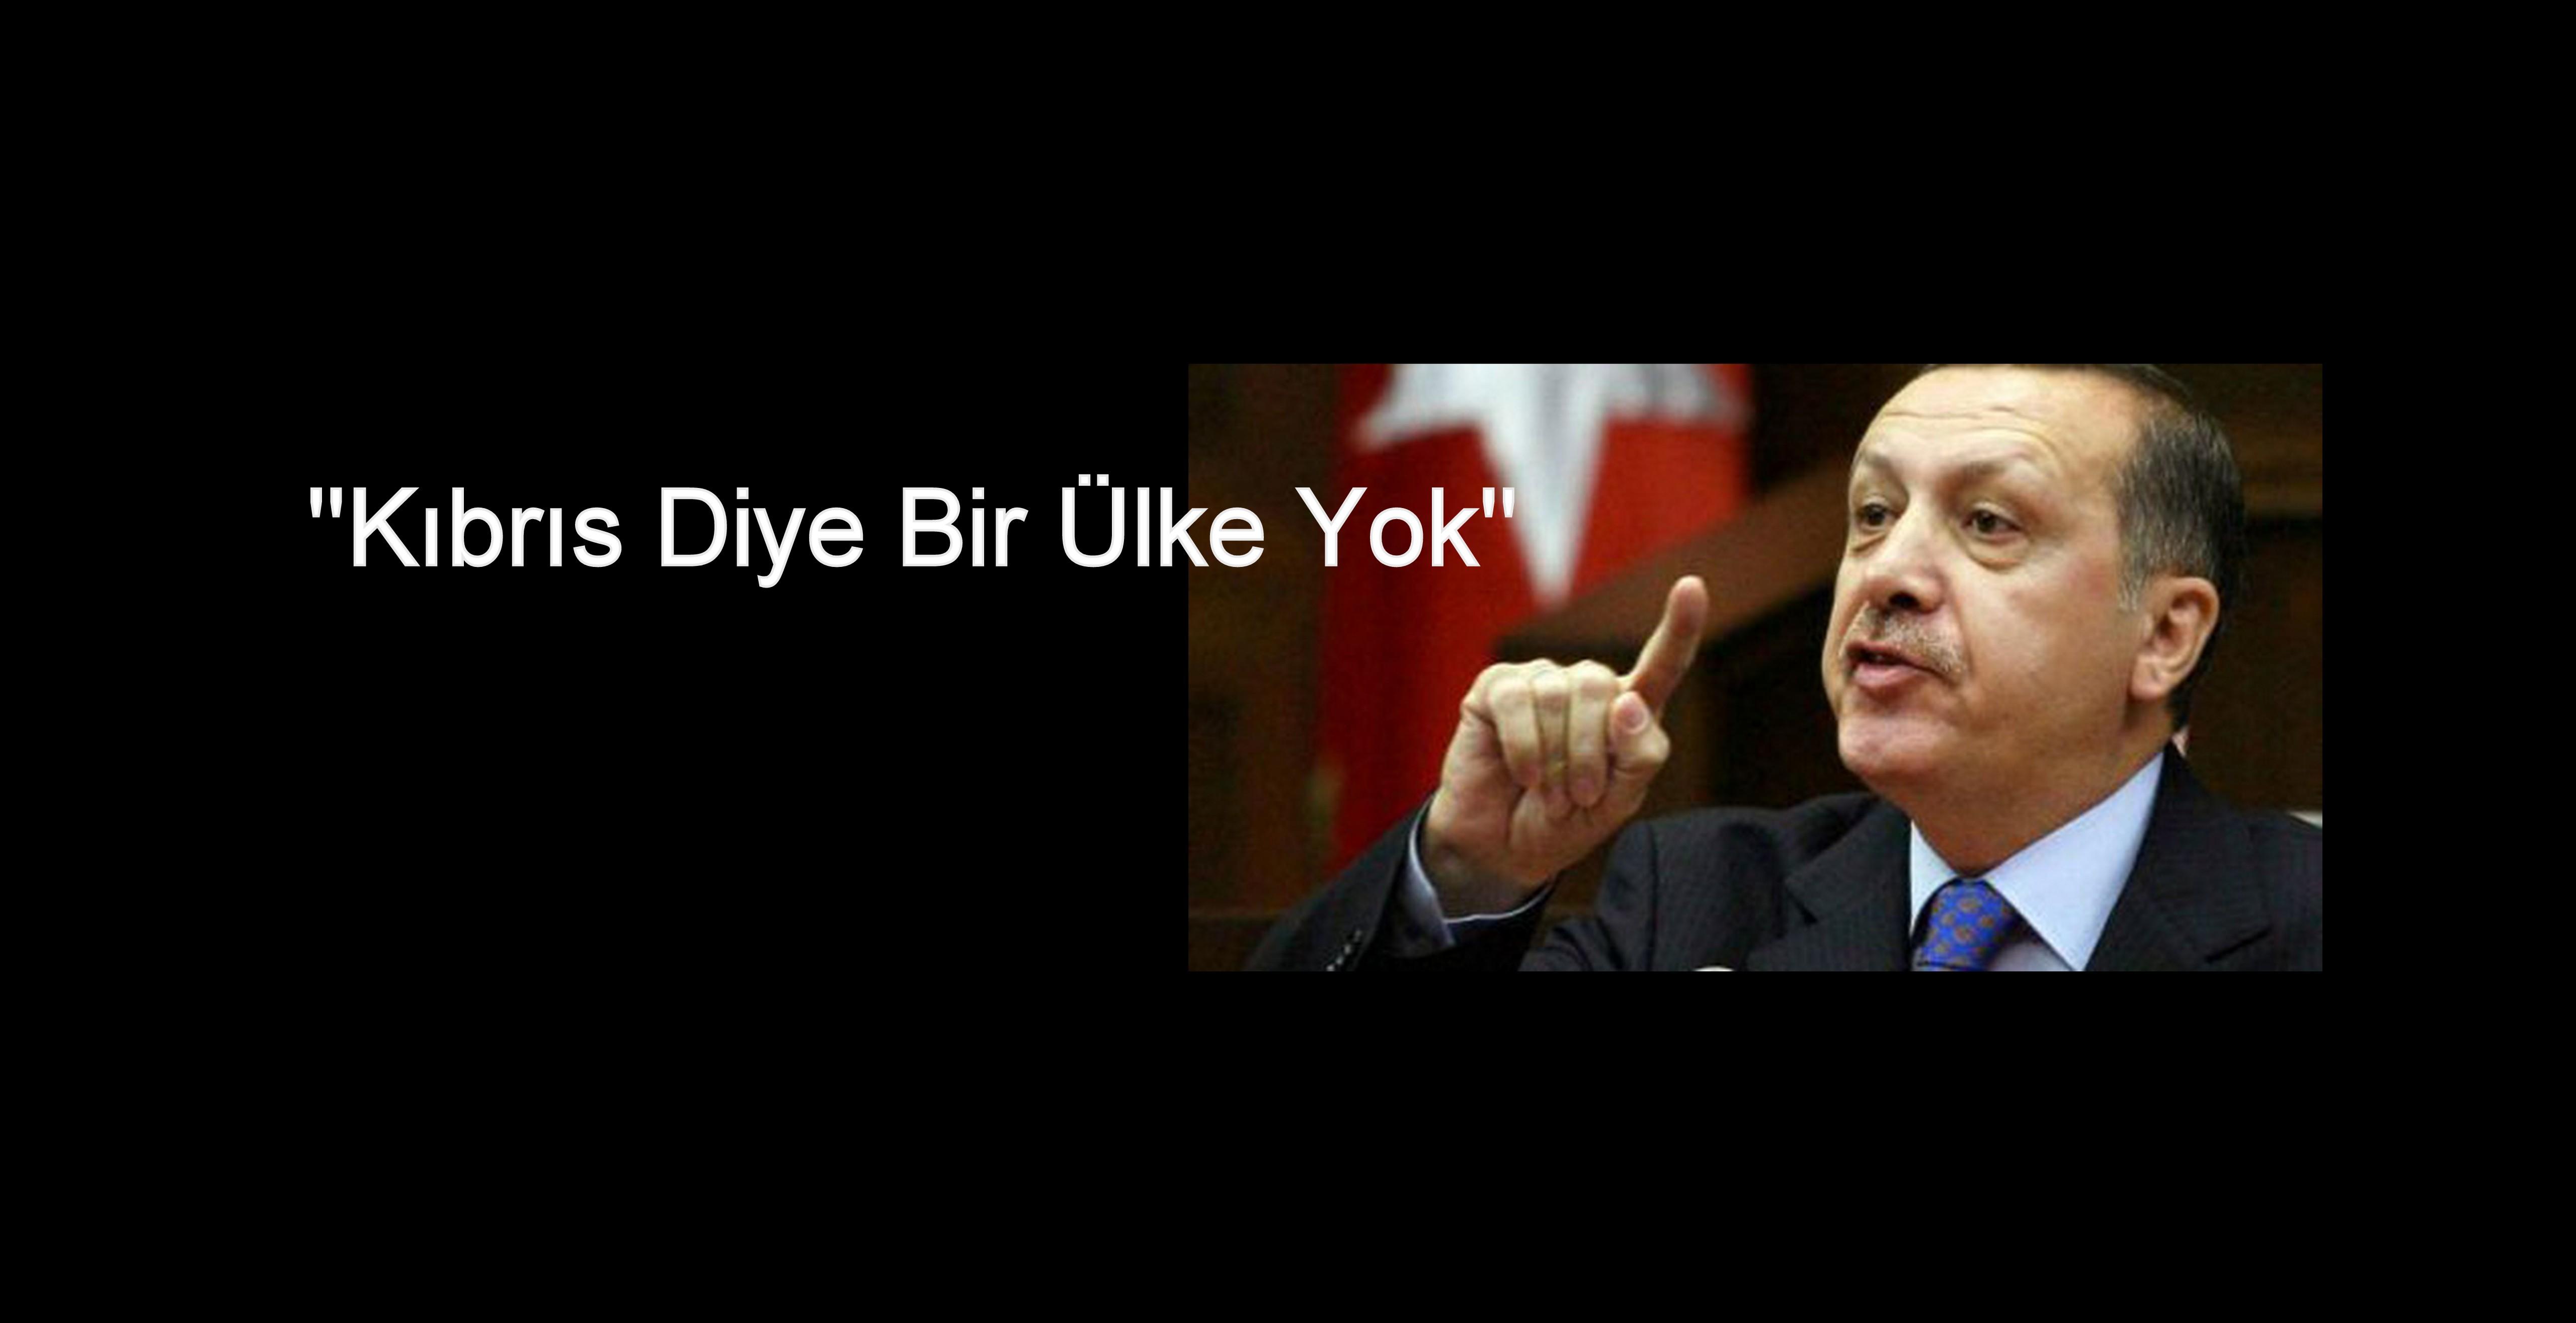 """""""KIBRIS DİYE BİR ÜLKE YOK"""" İFADESİ YORUMLANDI VE"""